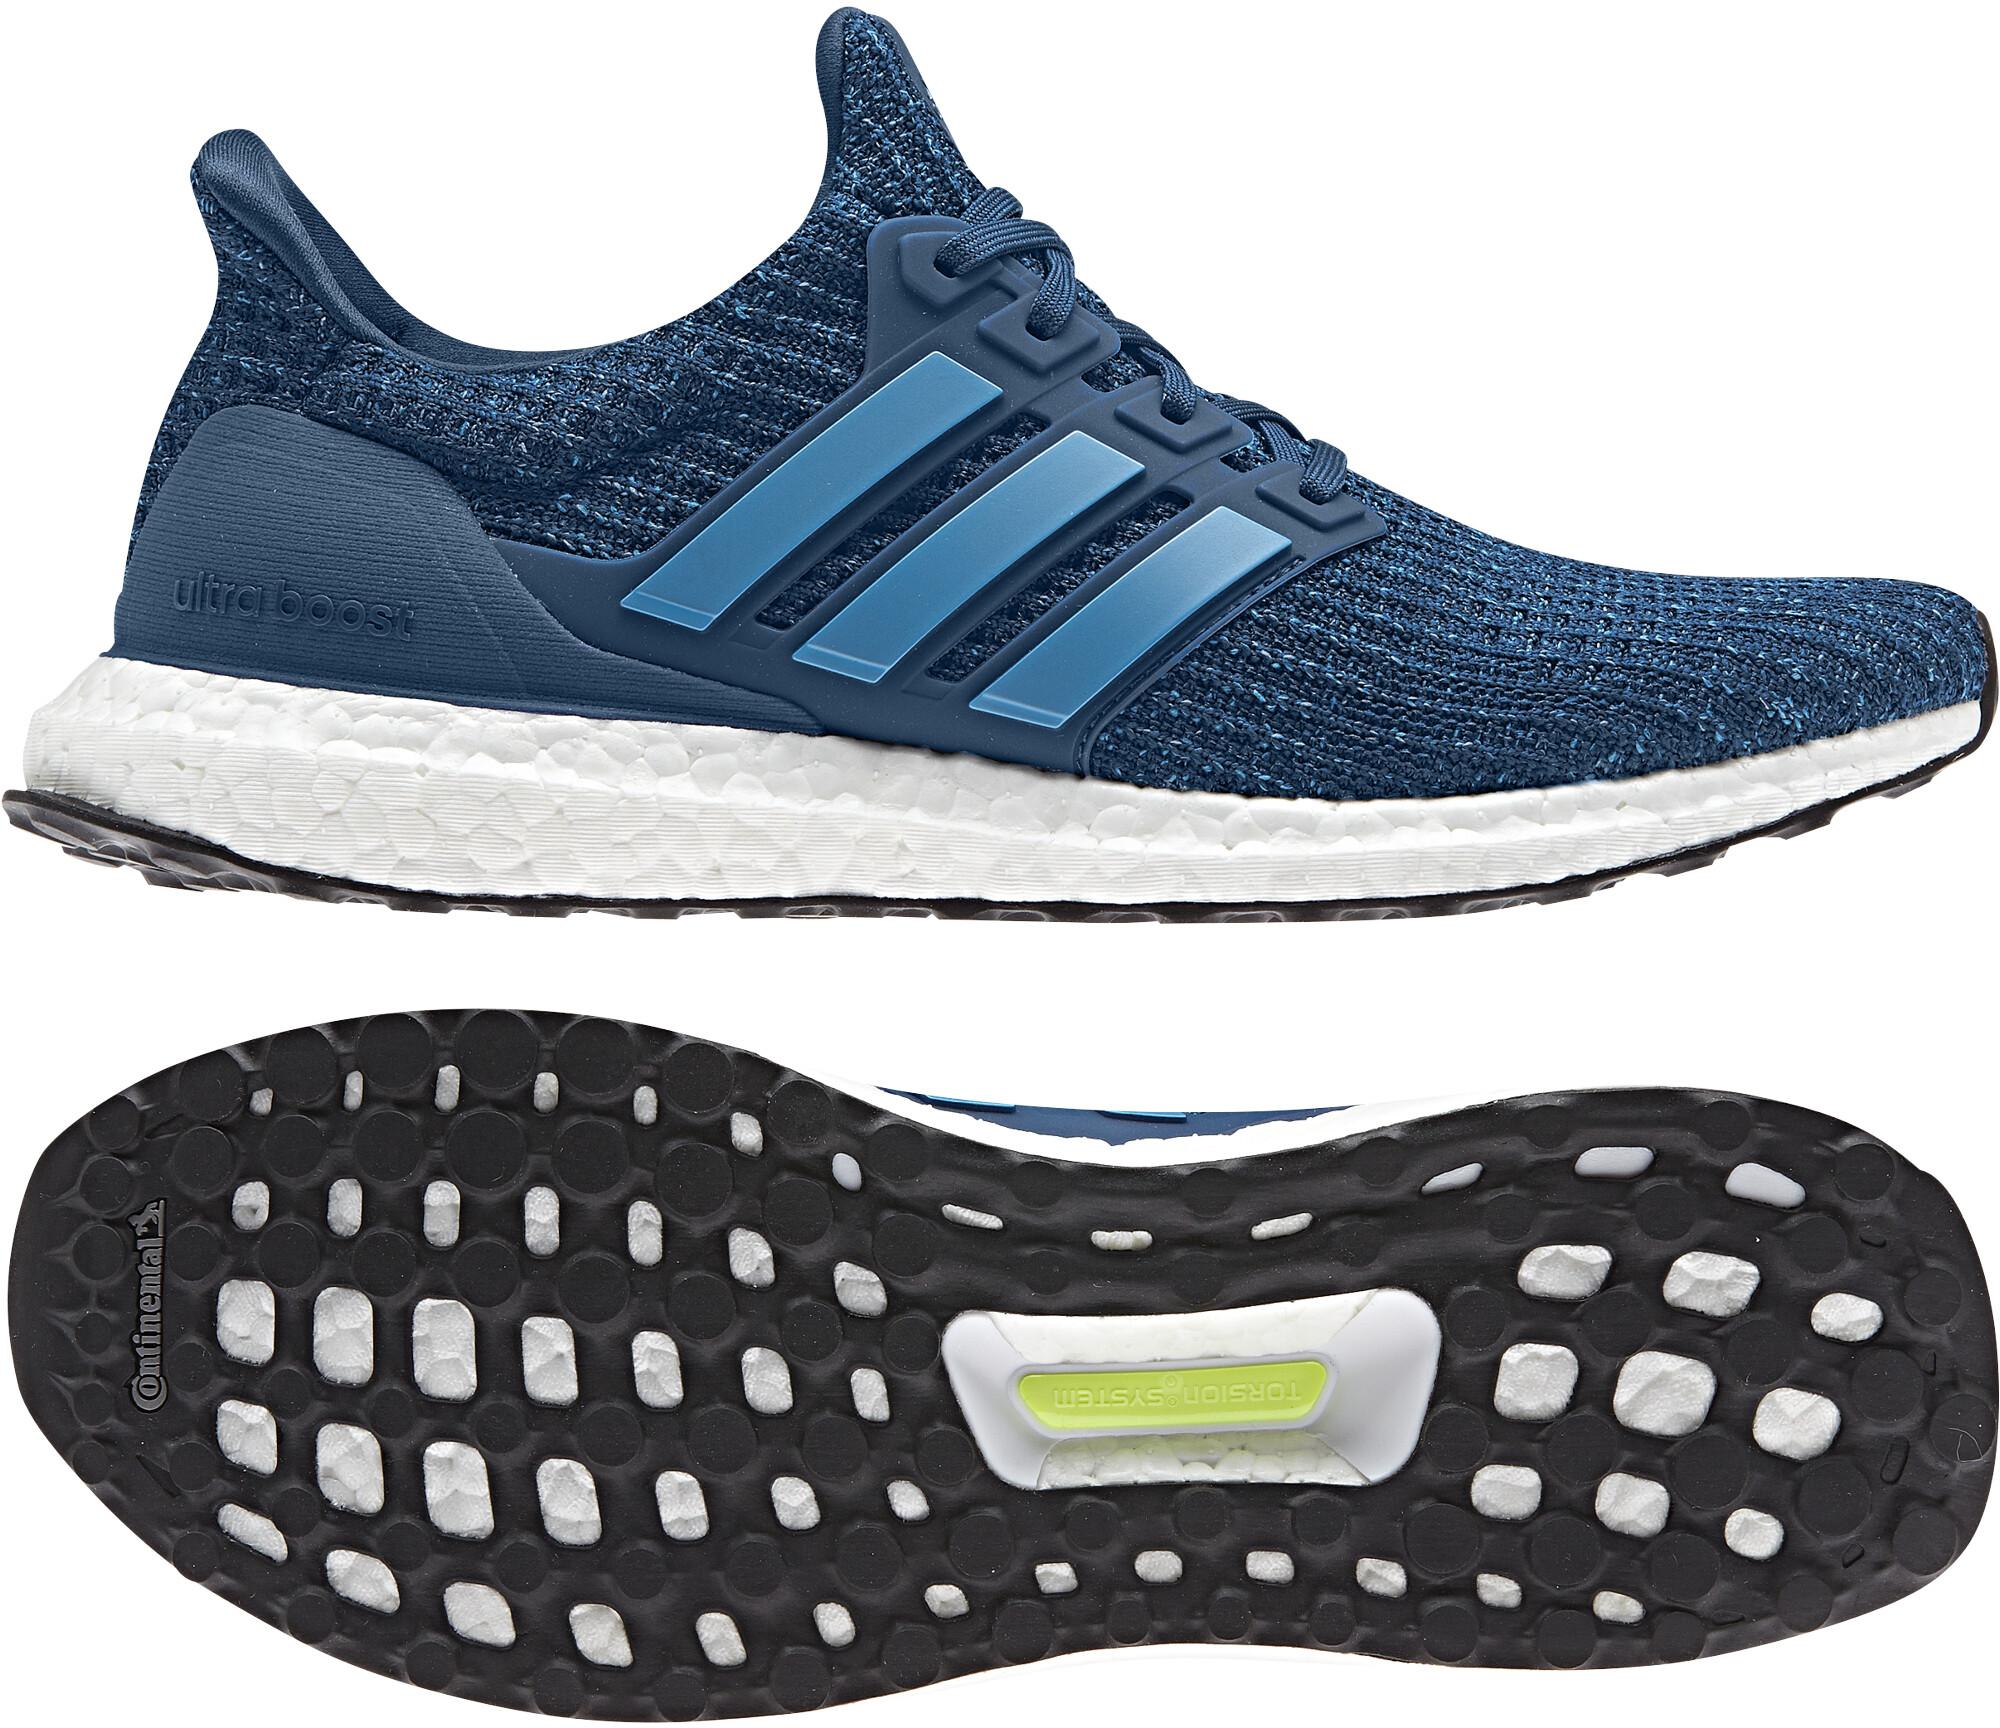 promo code 7127f 9aa57 adidas UltraBoost - Chaussures running Homme - bleu